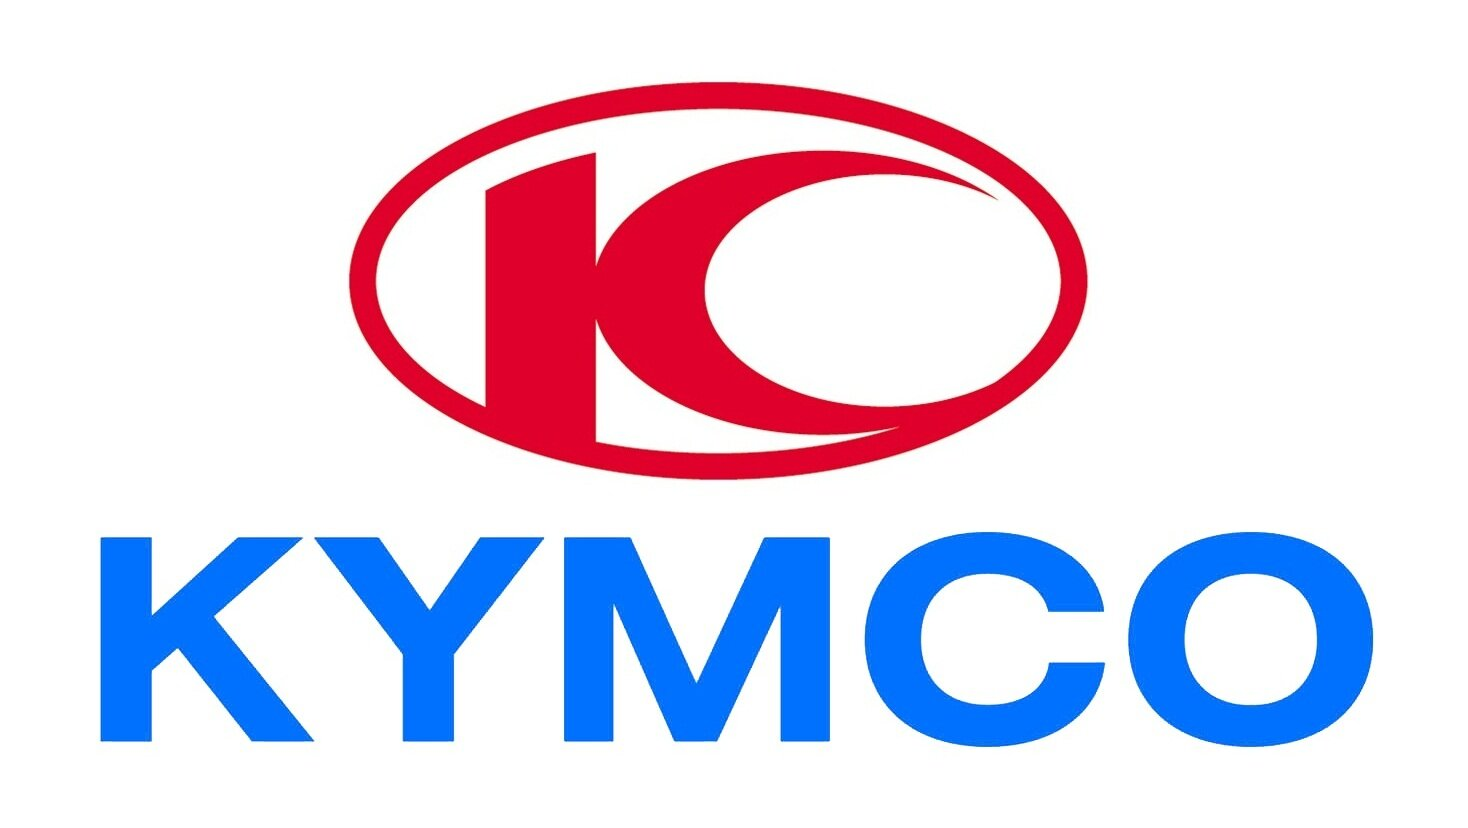 Giá xe máy Kymco chính hãng rẻ nhất thị trường tháng 3/2017